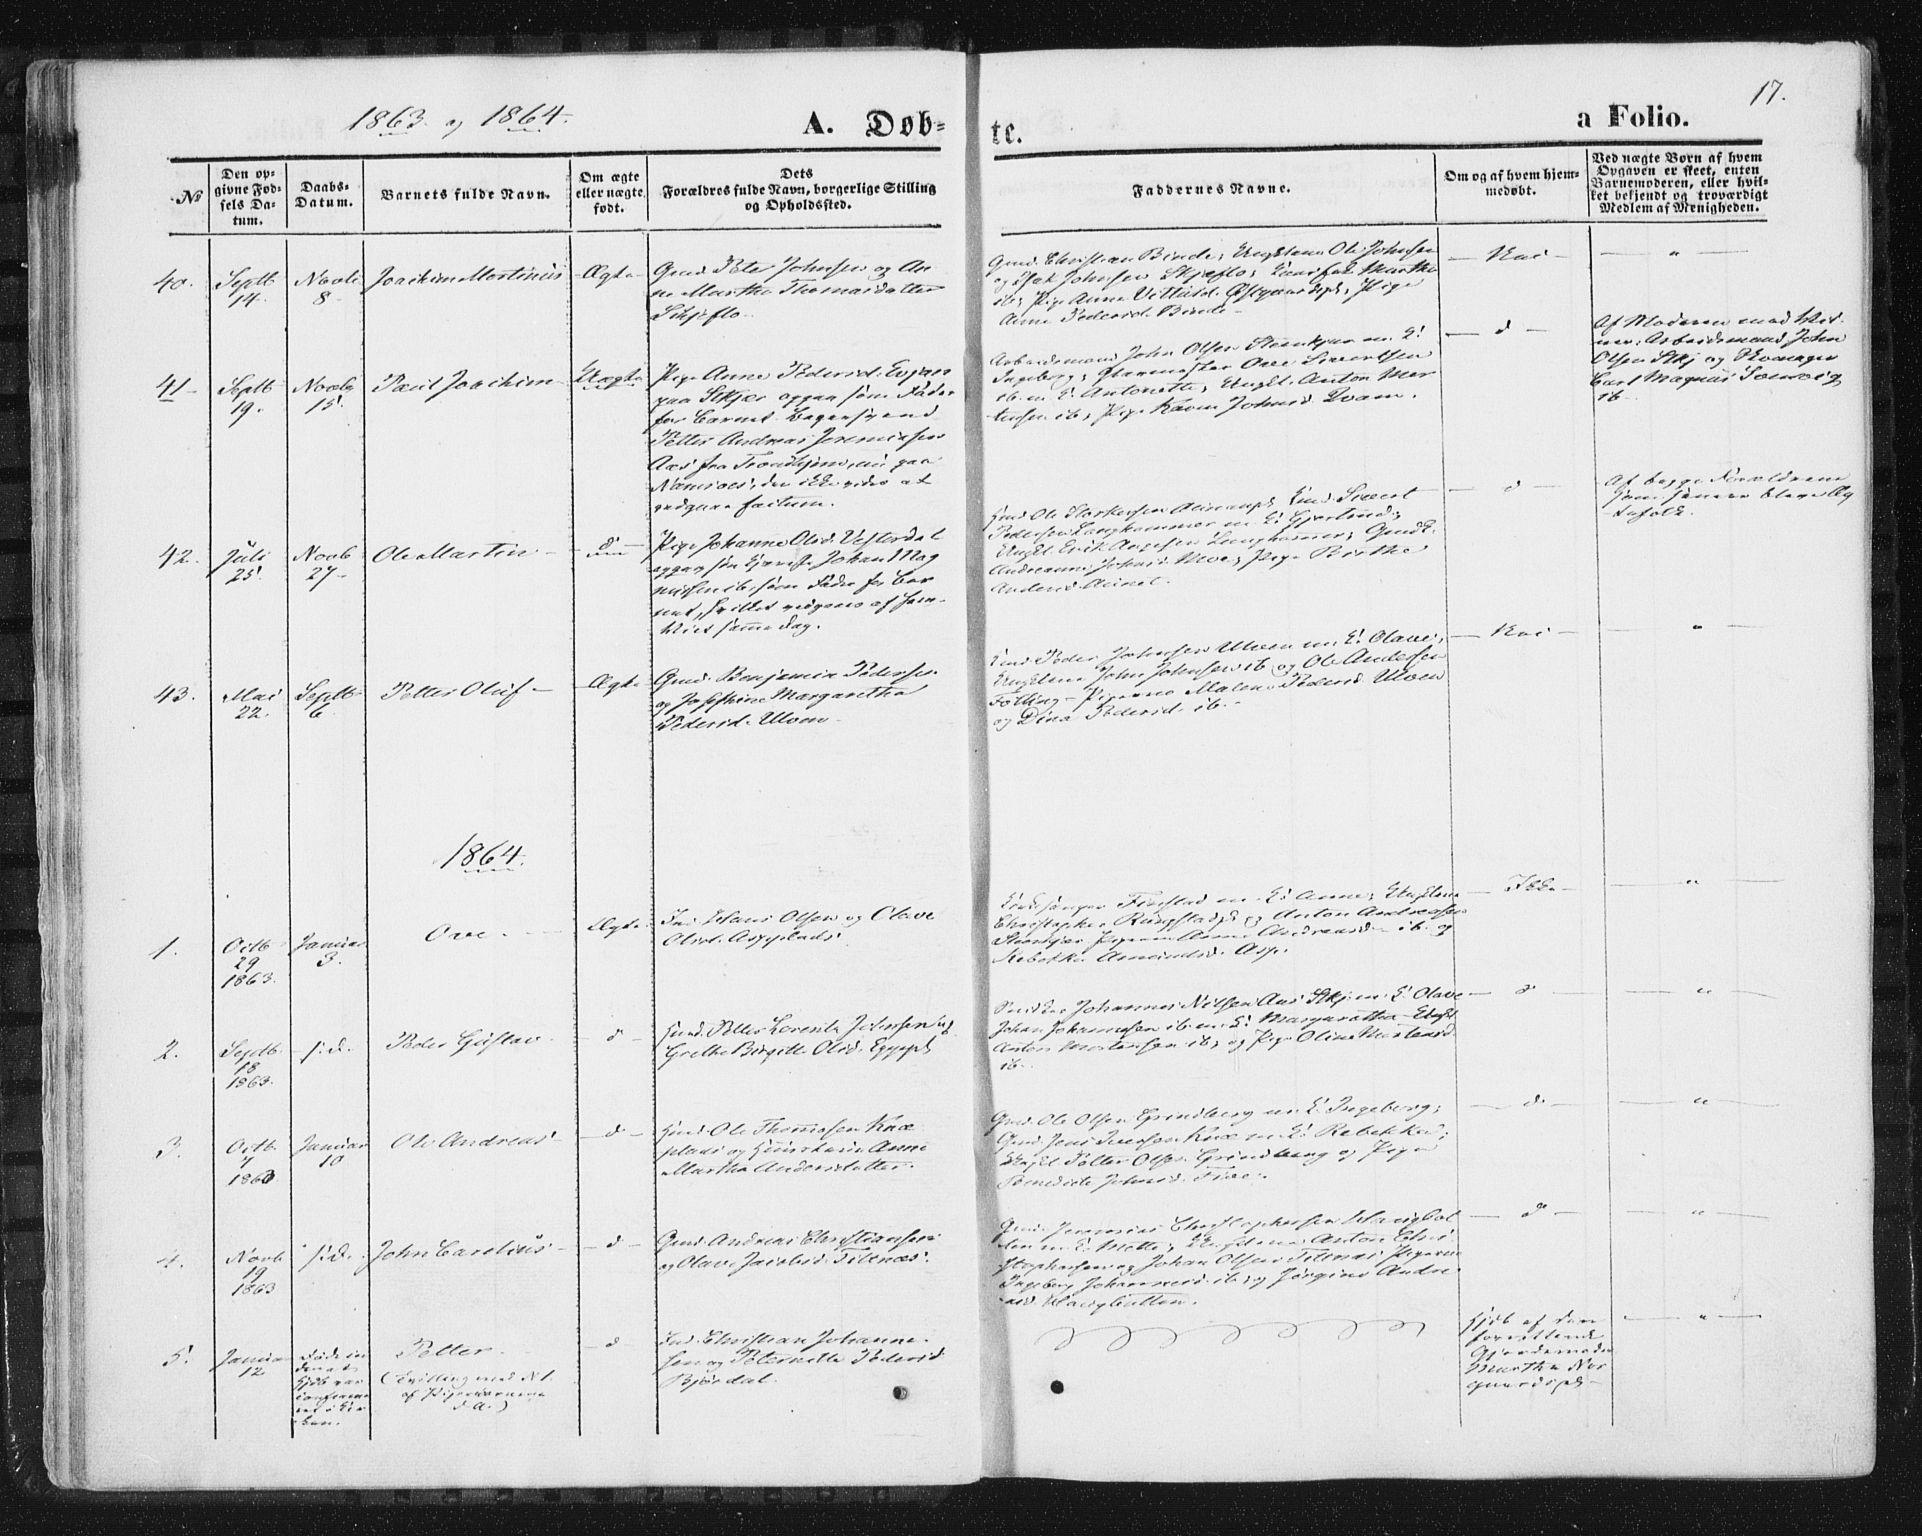 SAT, Ministerialprotokoller, klokkerbøker og fødselsregistre - Nord-Trøndelag, 746/L0447: Ministerialbok nr. 746A06, 1860-1877, s. 17